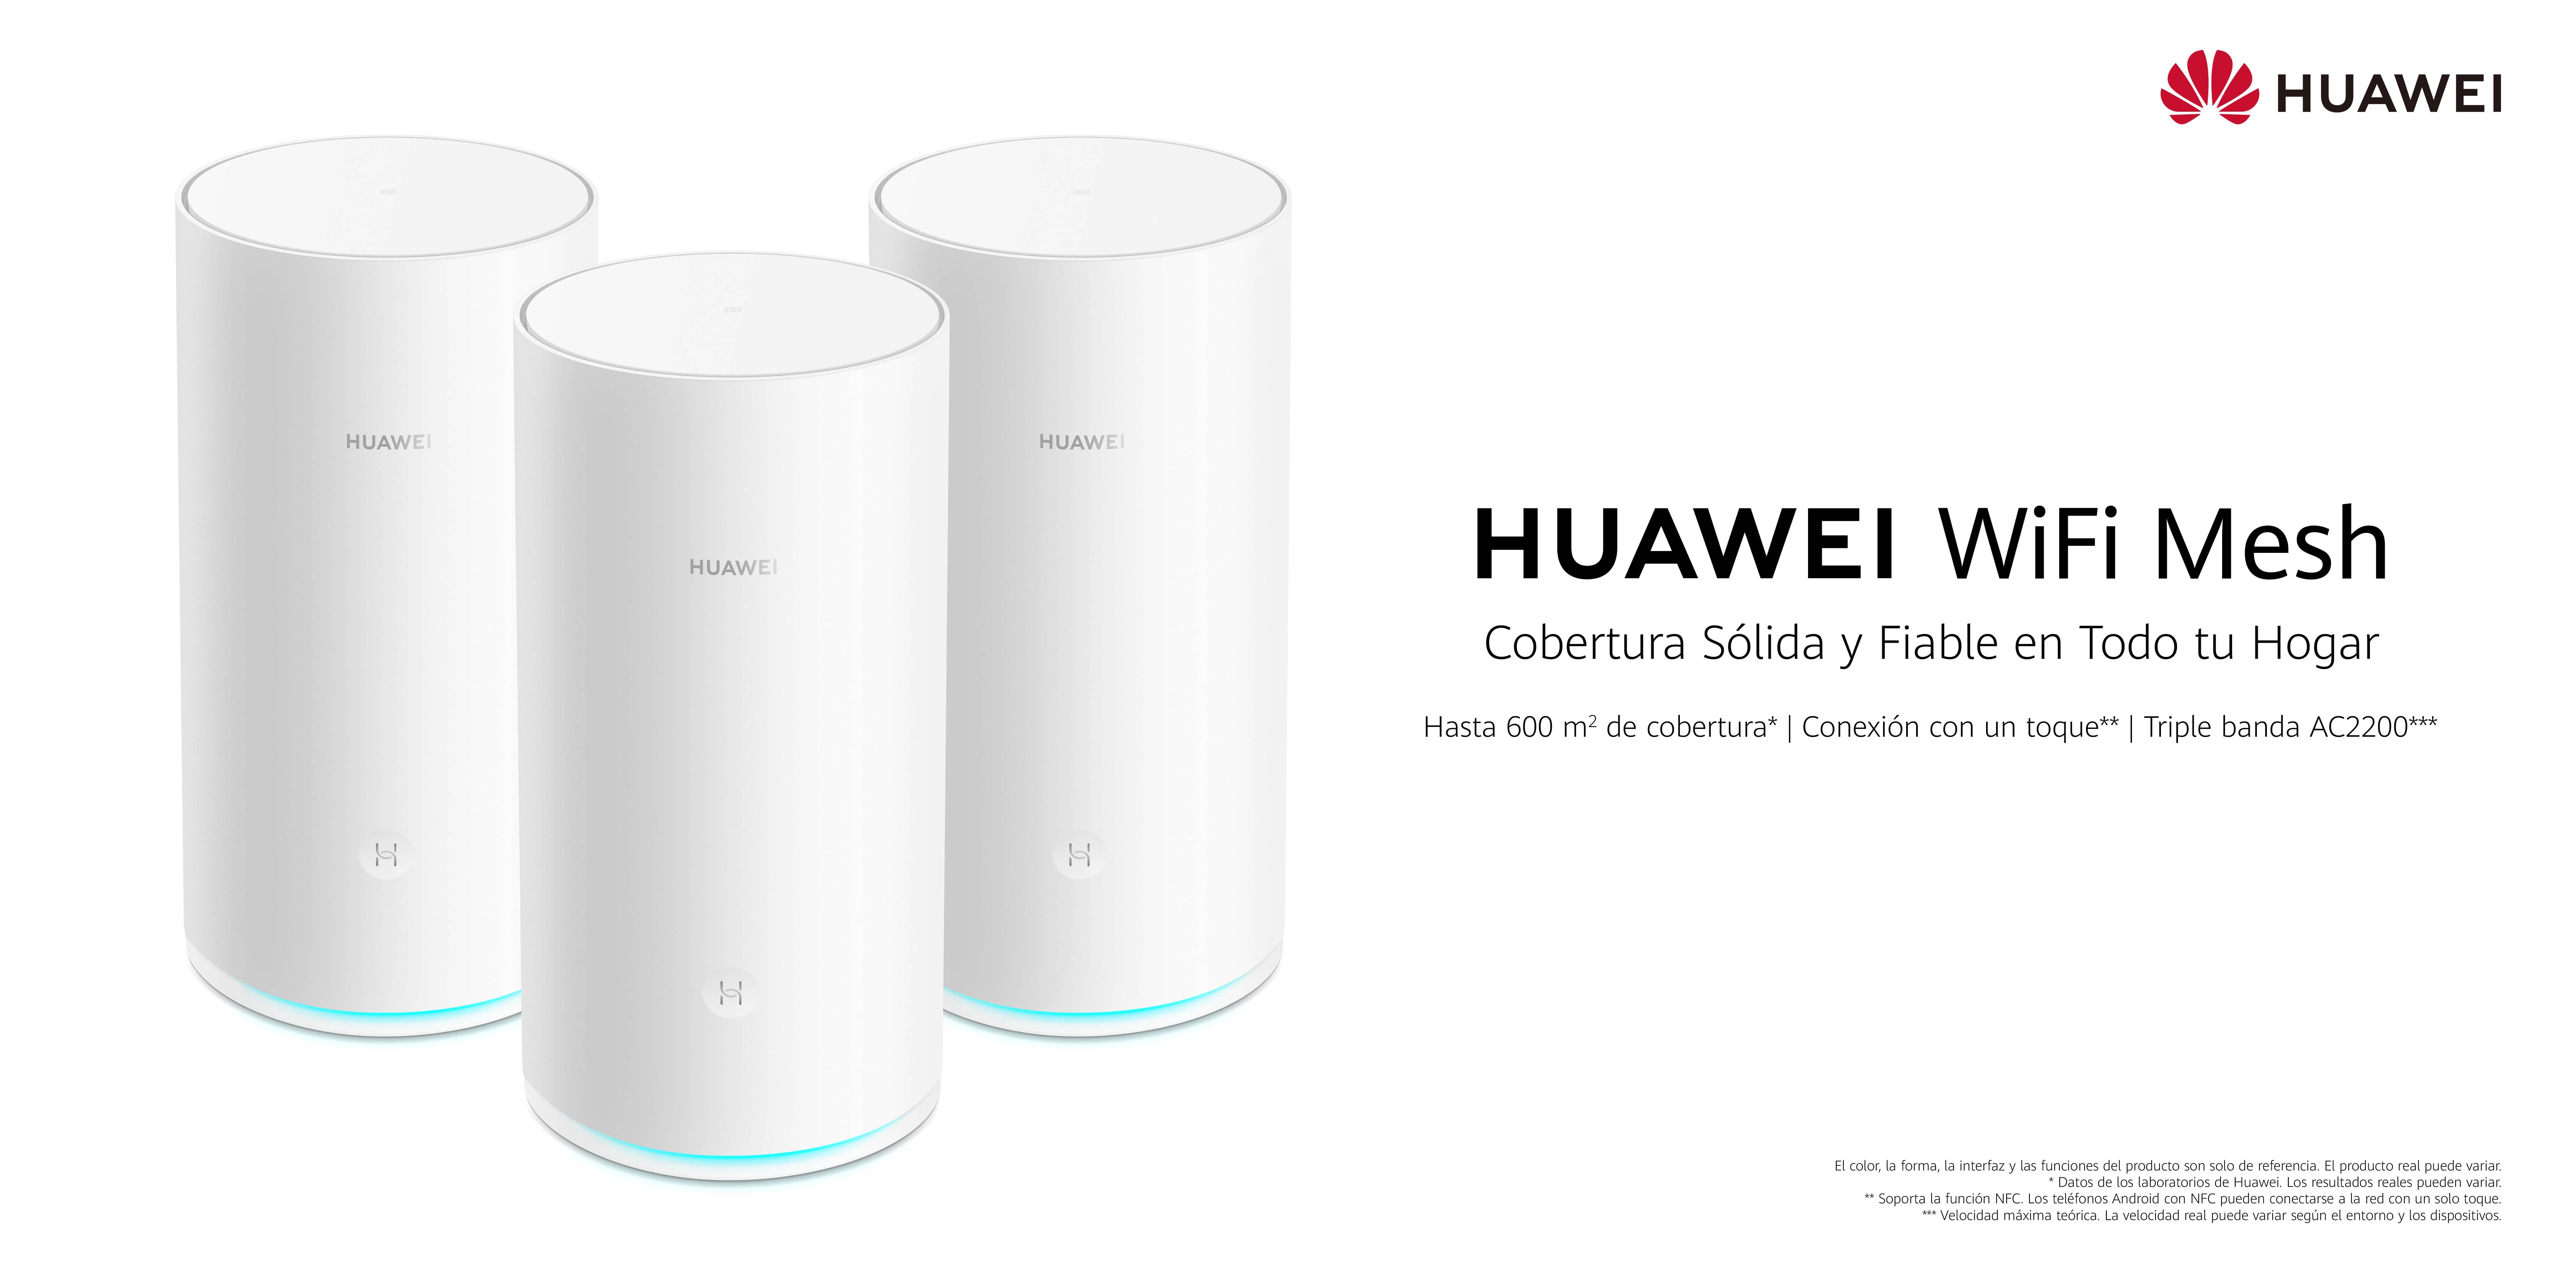 HUAWEI WiFi Mesh, la solución para resolver tus problemas de internet en casa